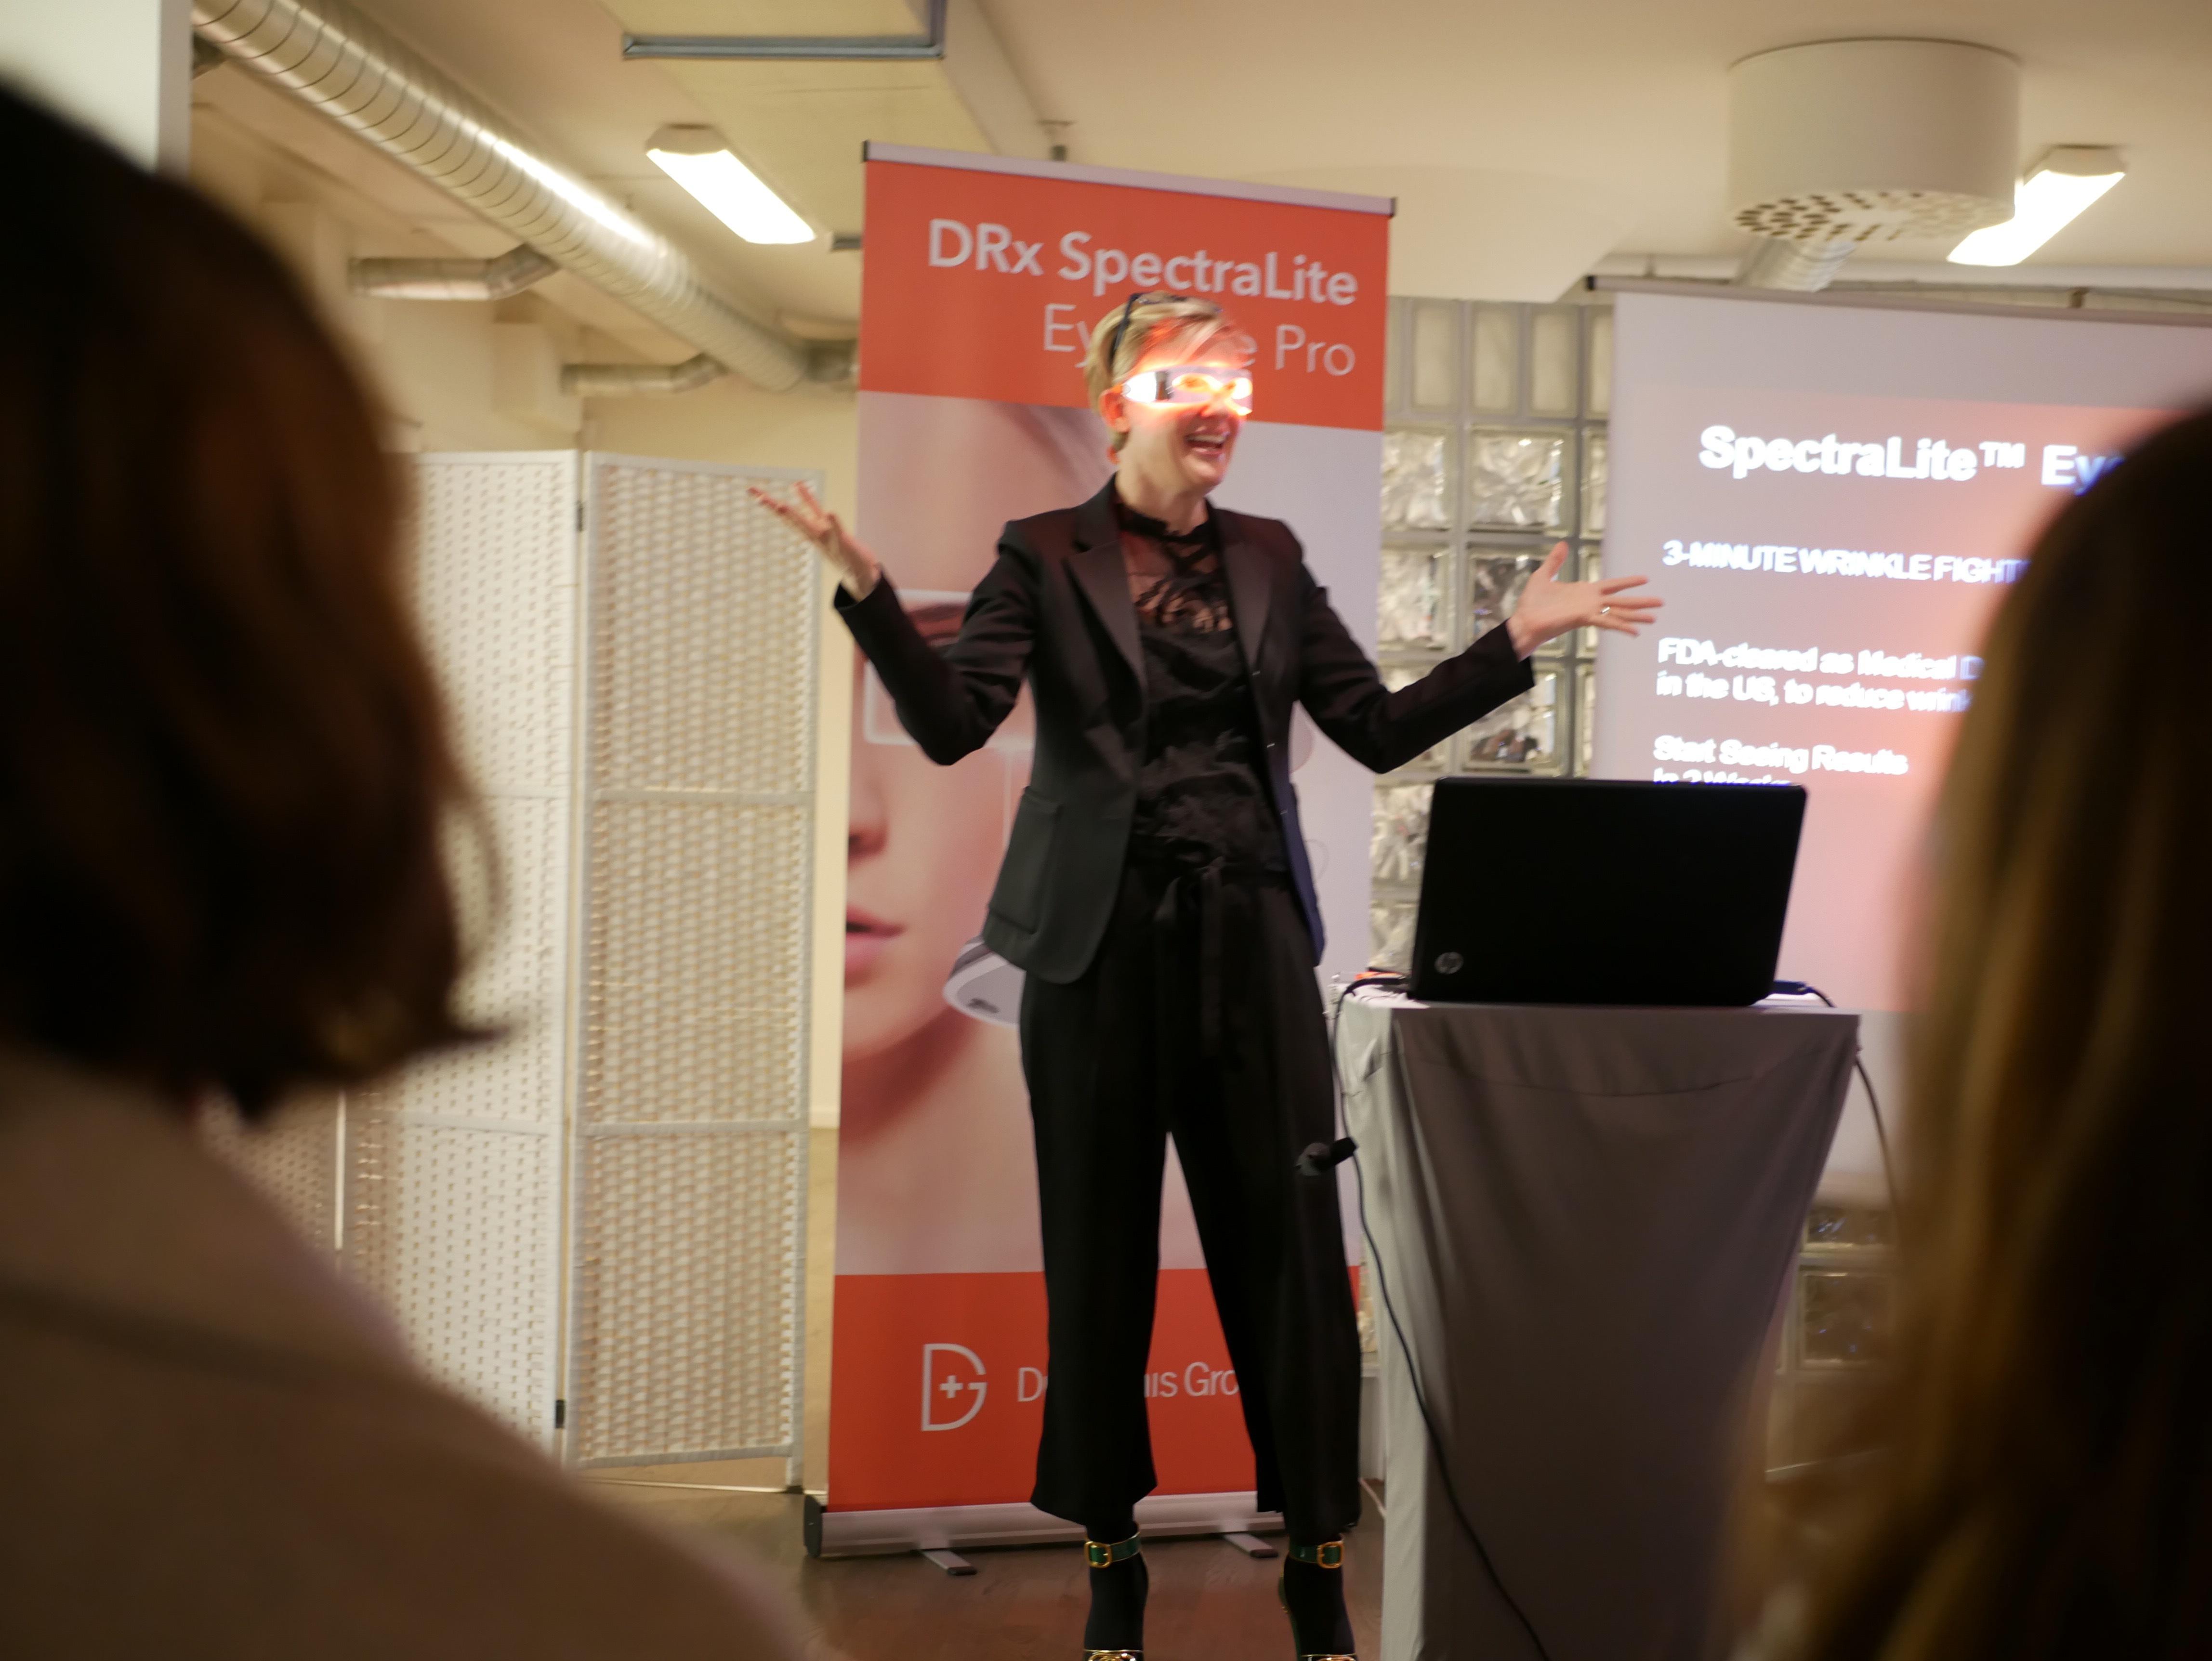 Michele Snyderåker världen runt och marknadsför Spectralite EyeCare Pro. Nu har turen kommit till Sverige. Under nästa vecka kommer NK att vara först med lysmasken!